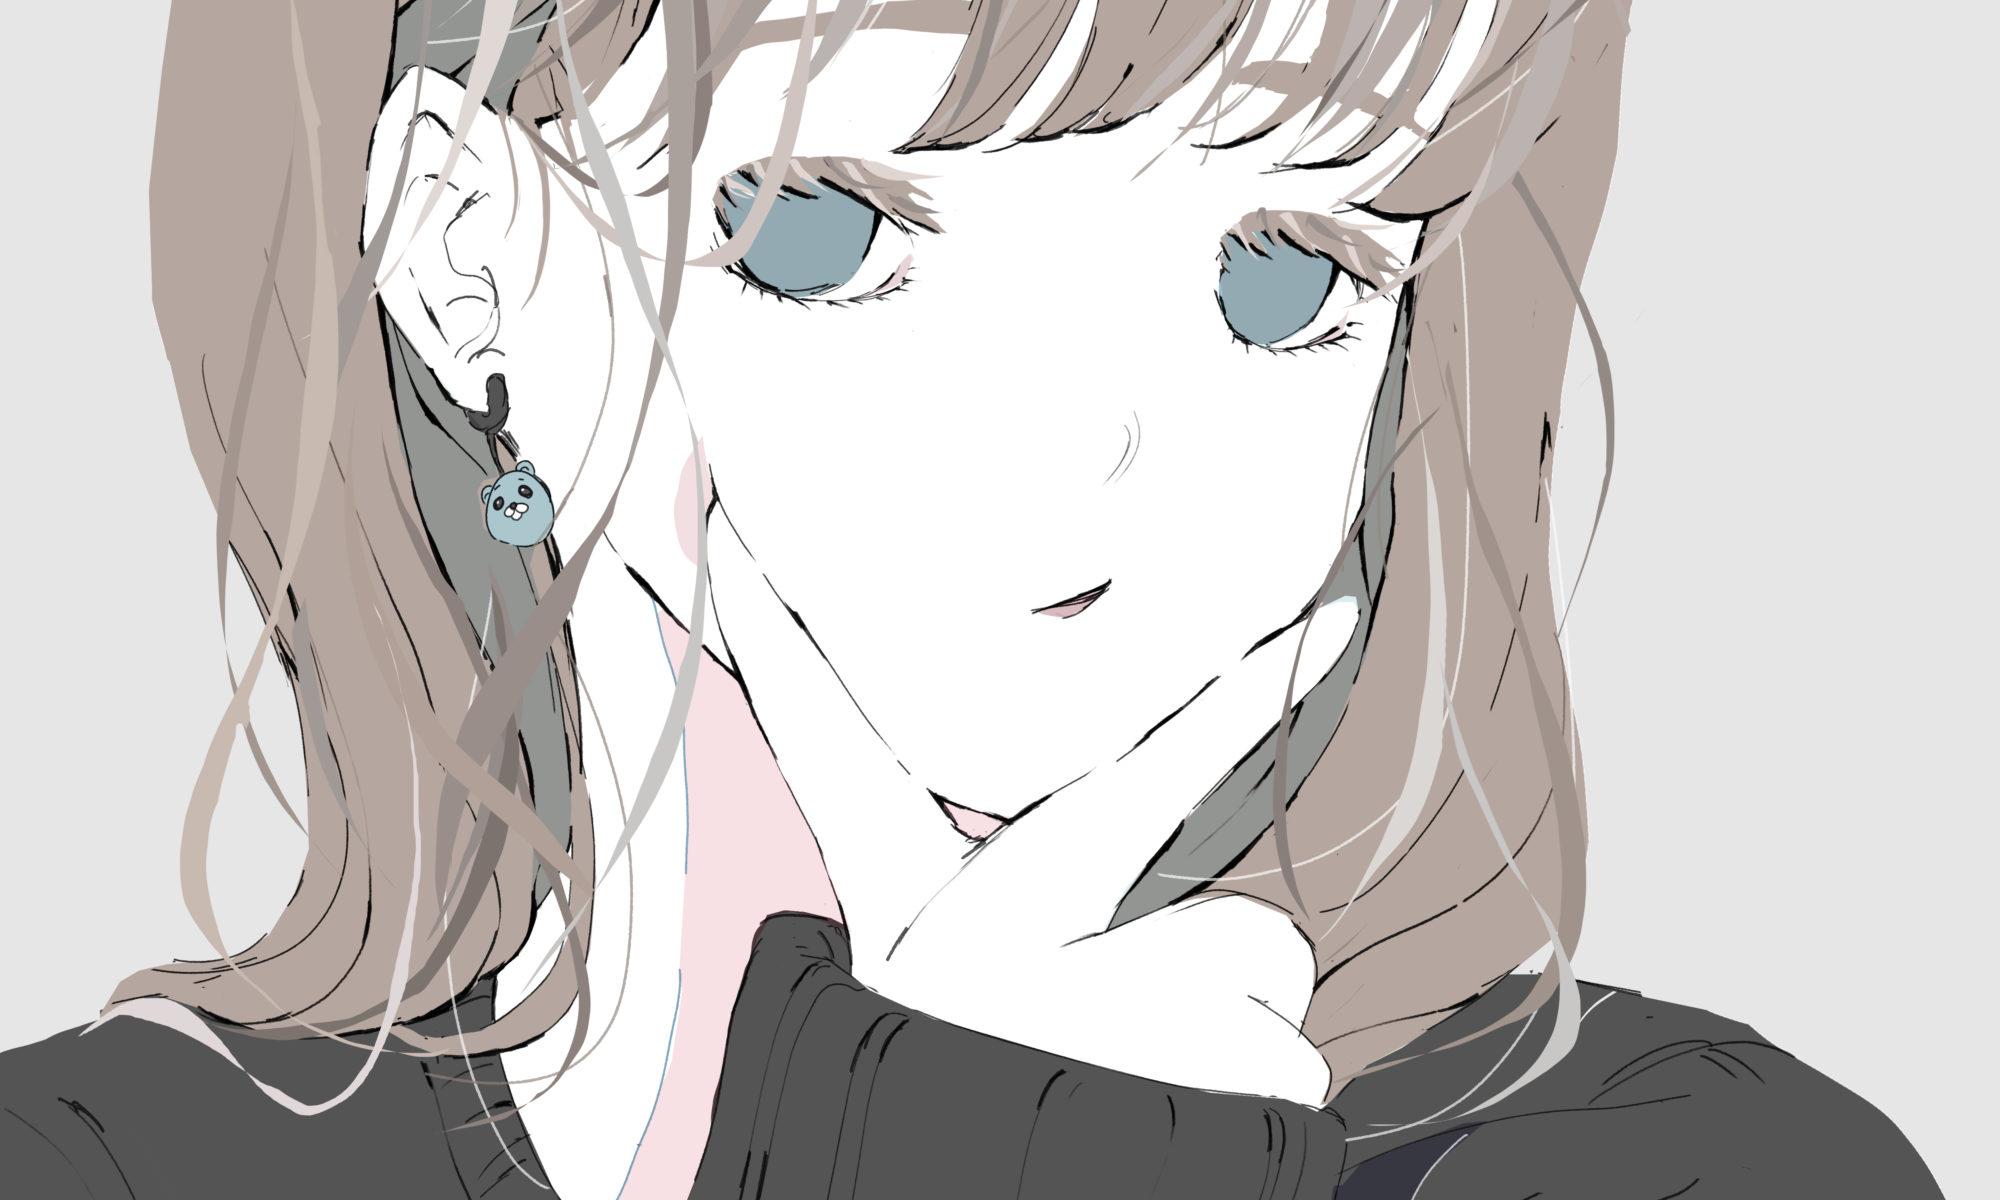 自撮りで顎ピースする女の子のイラスト